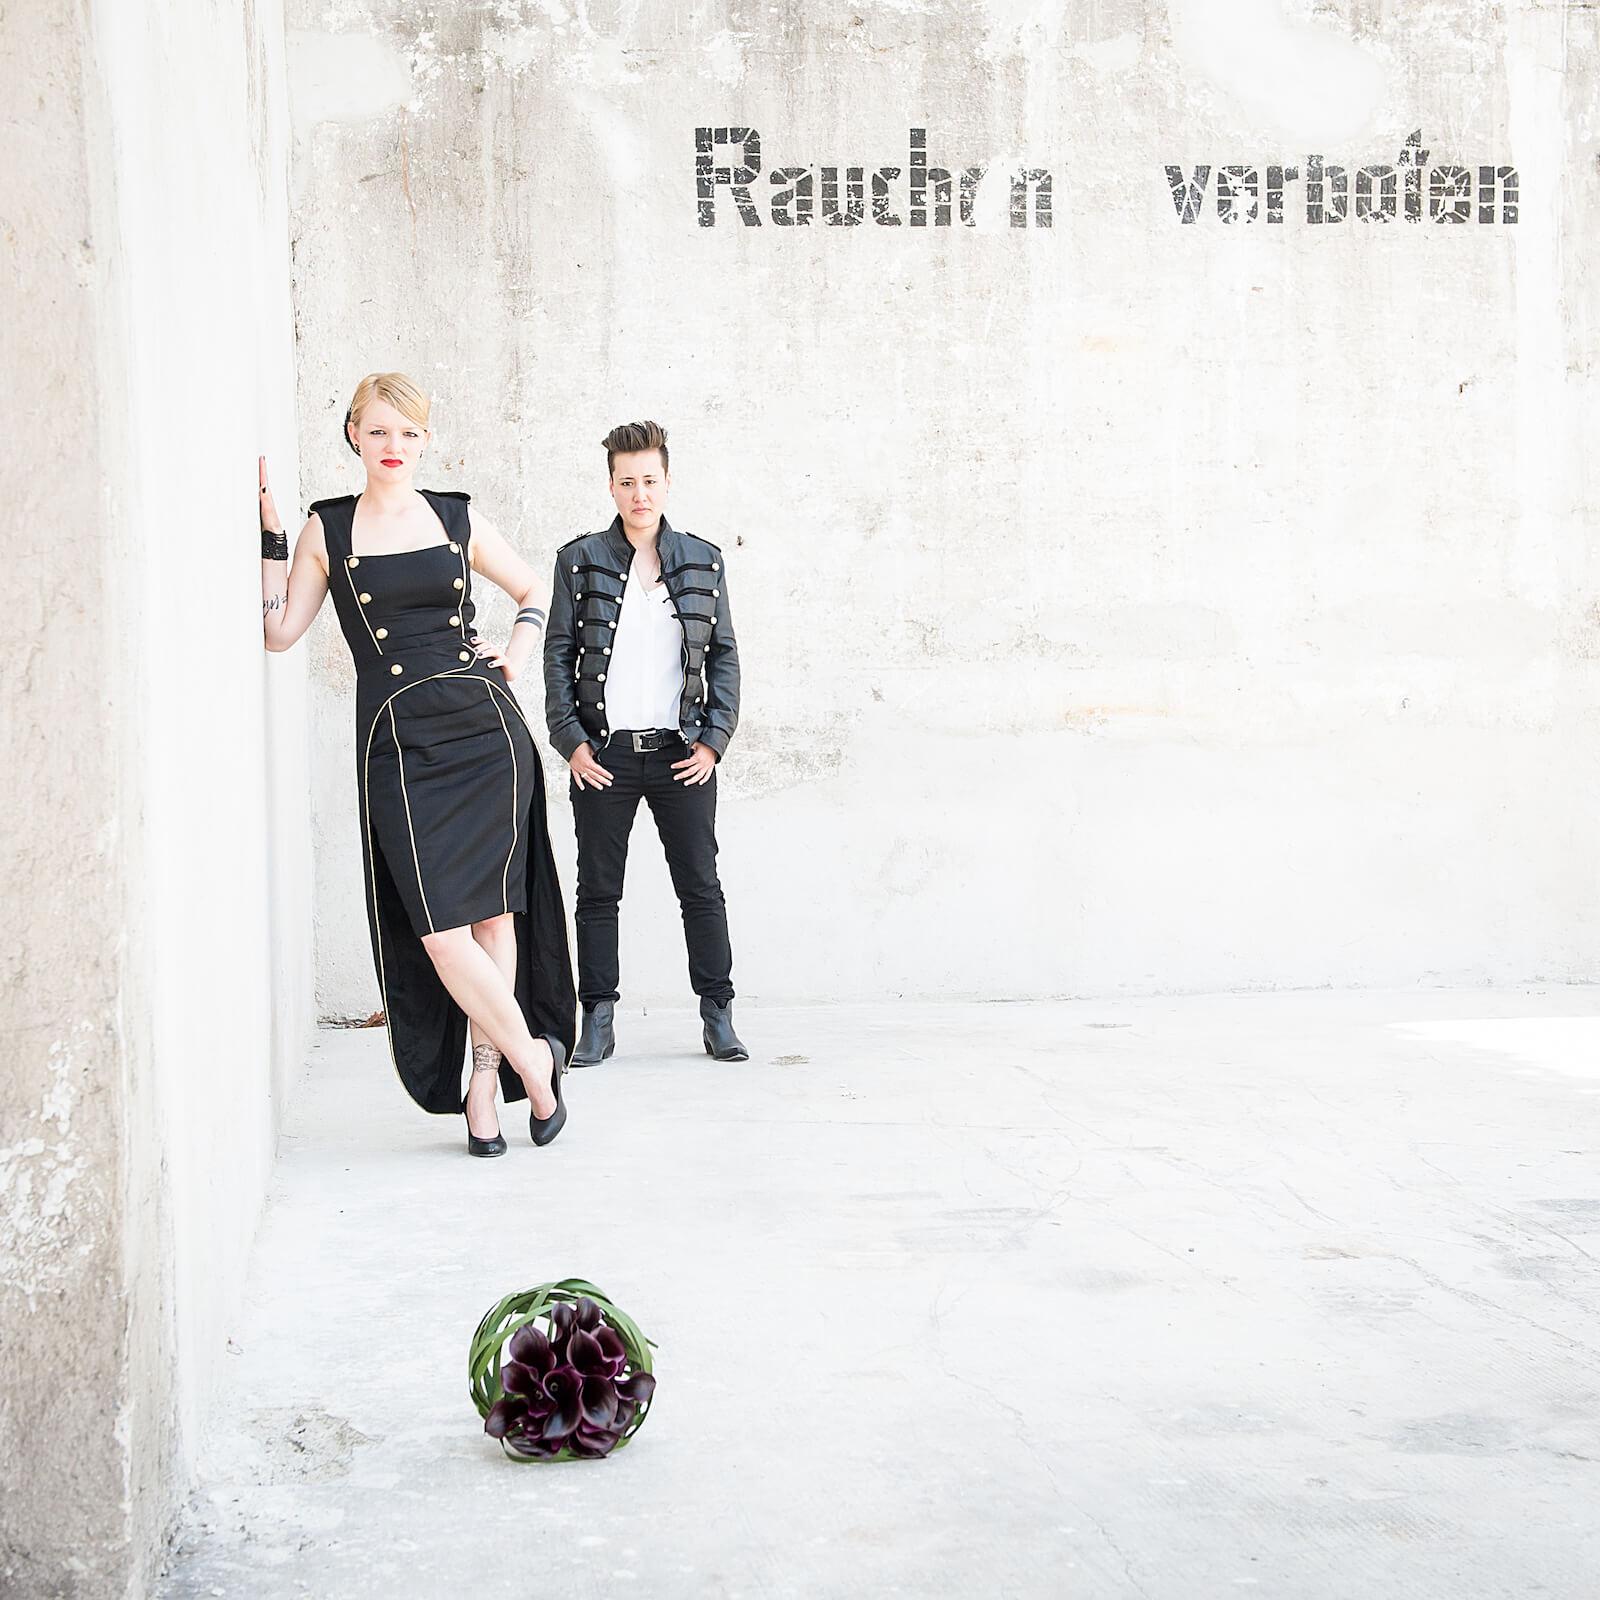 stylische Hochzeitsfotos in München - Hochzeitspaar vor Mauer mit Hinweis Rauchen verboten